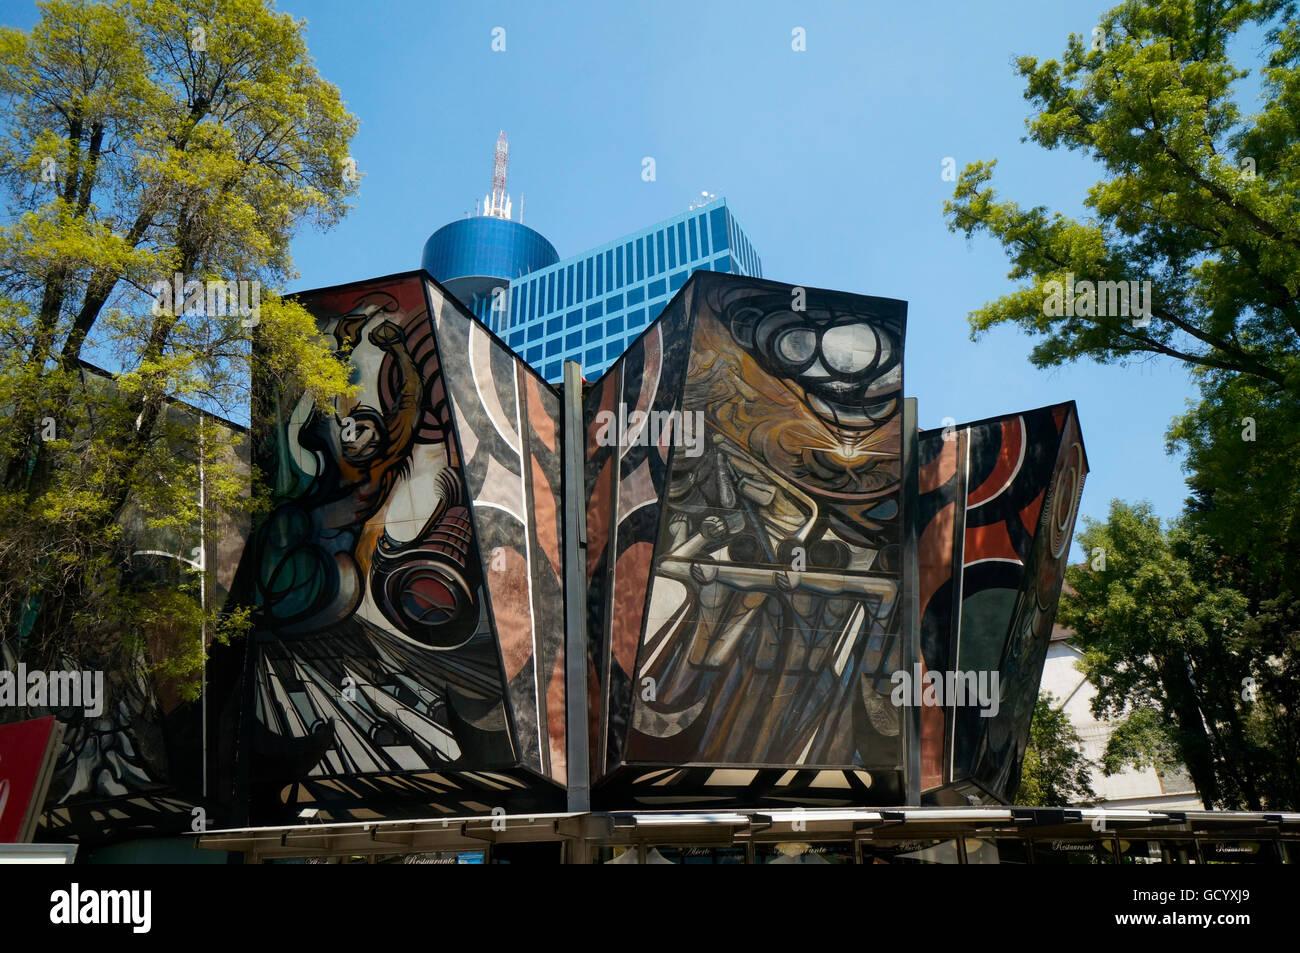 Polyforum Siqueiros Building Murals In Mexico City Mexico Giant